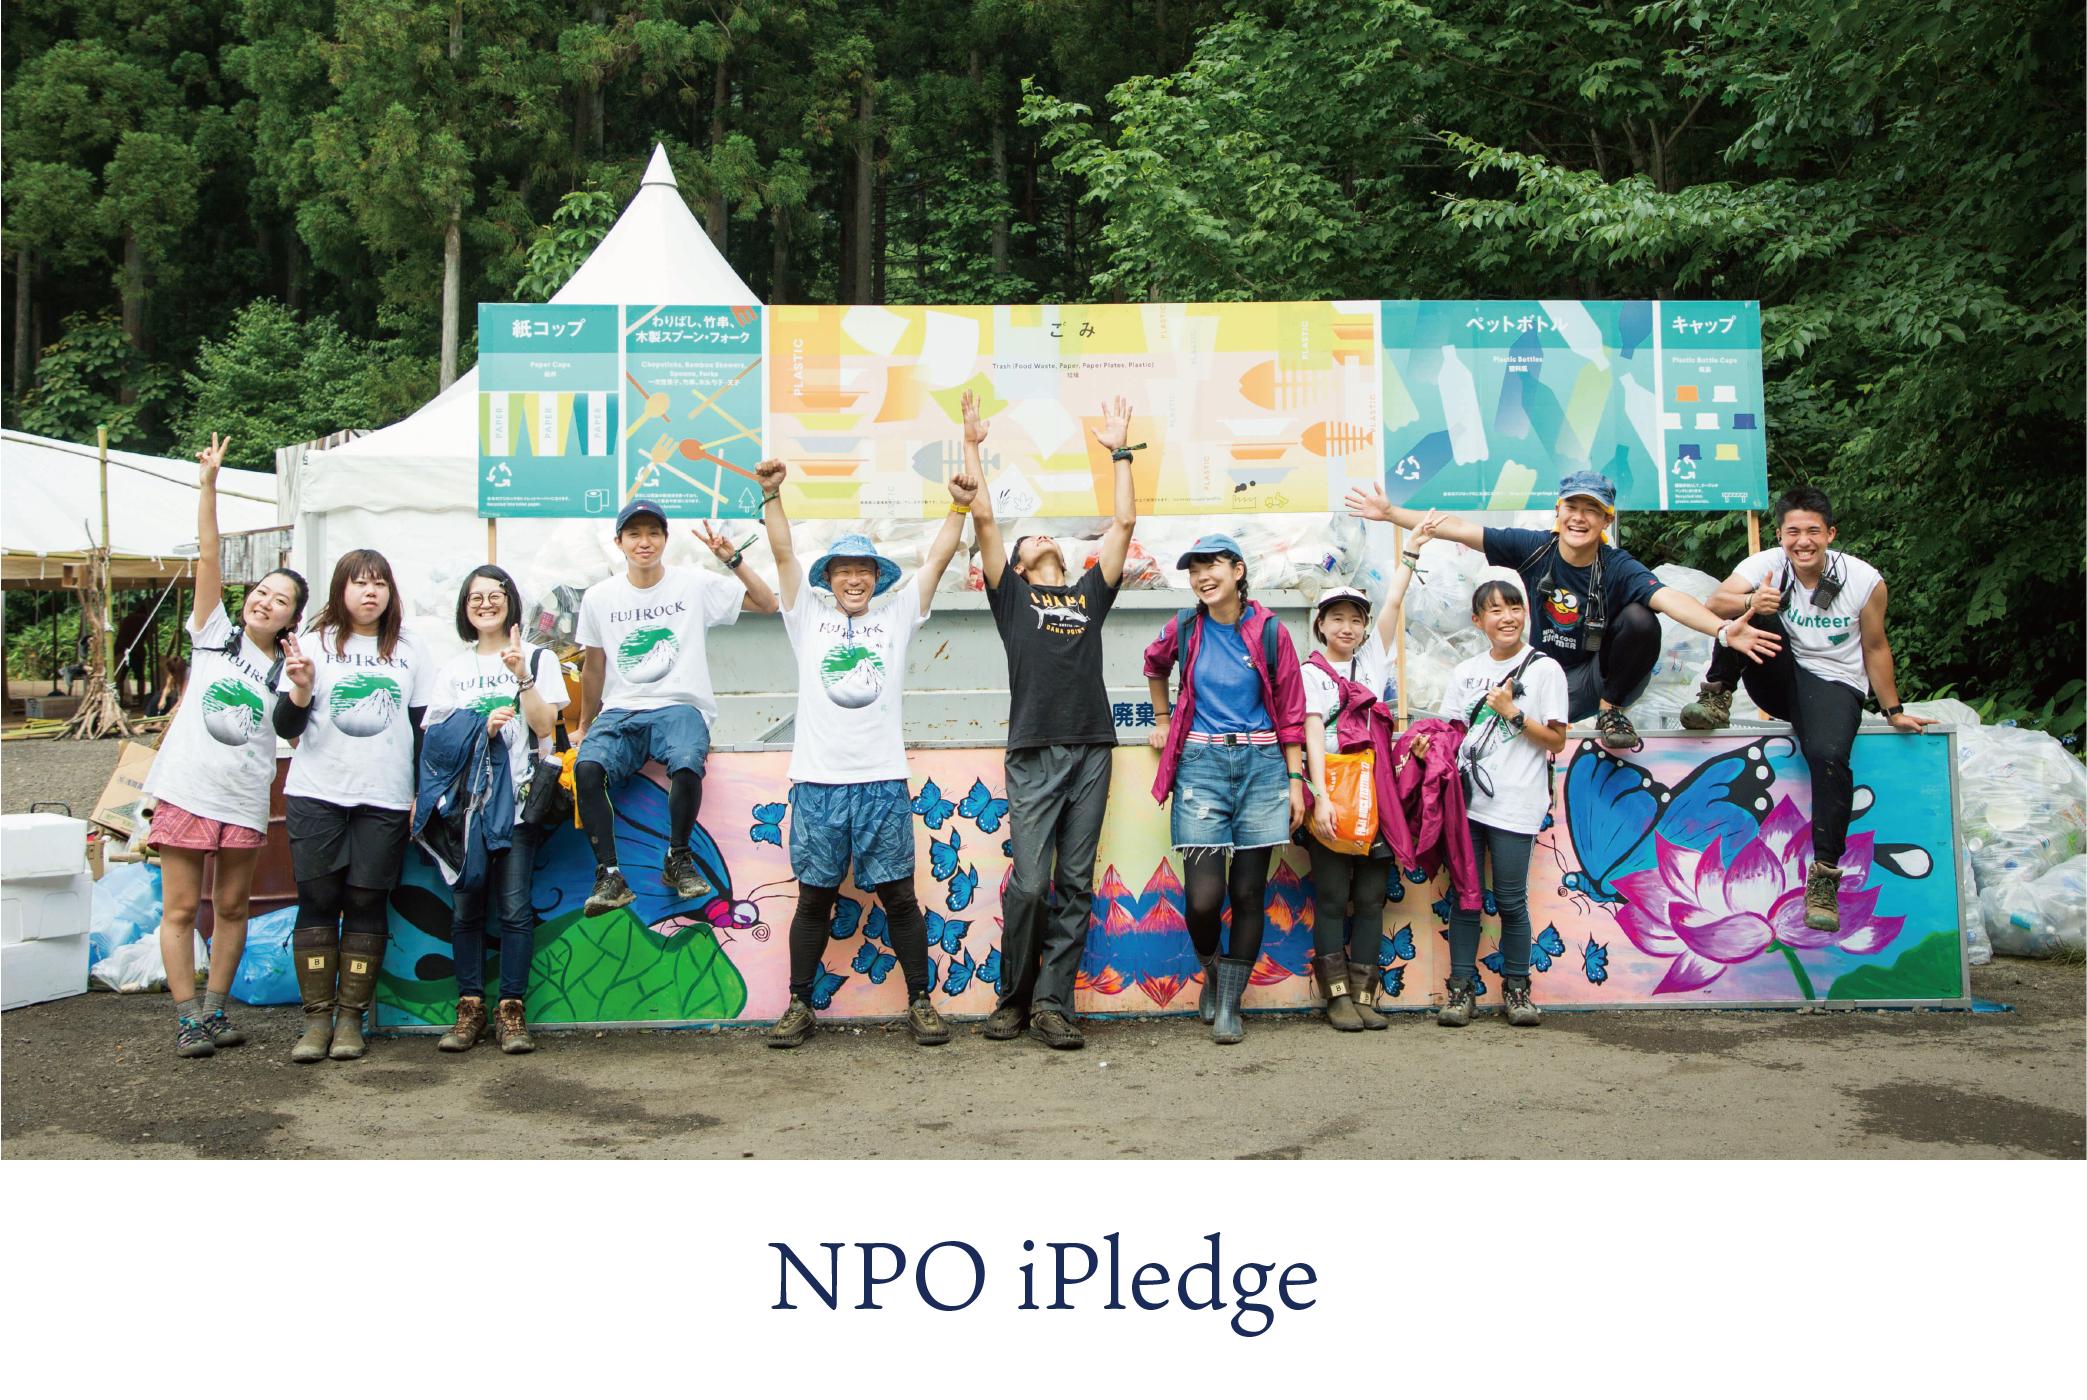 NPO iPledge